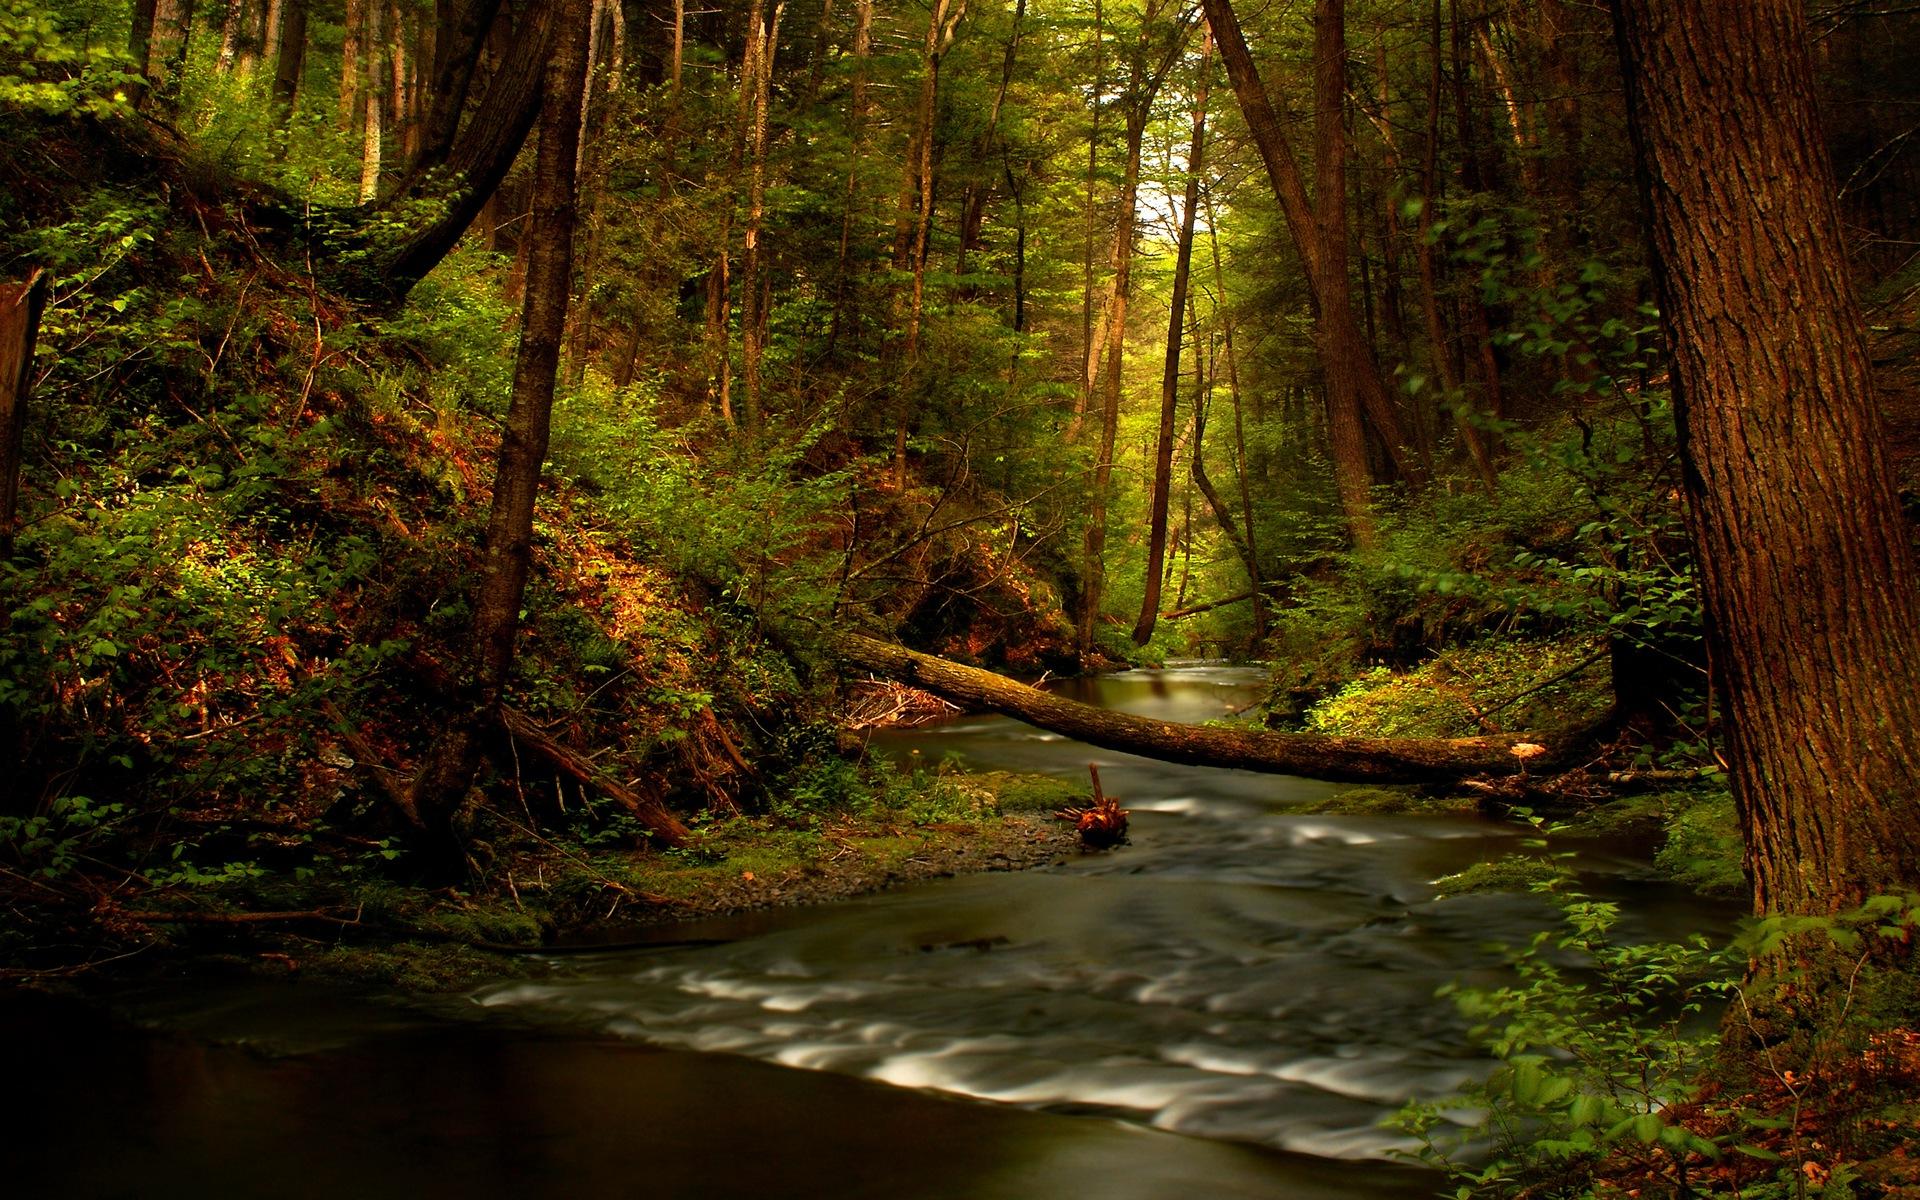 река лес  № 2789156 загрузить